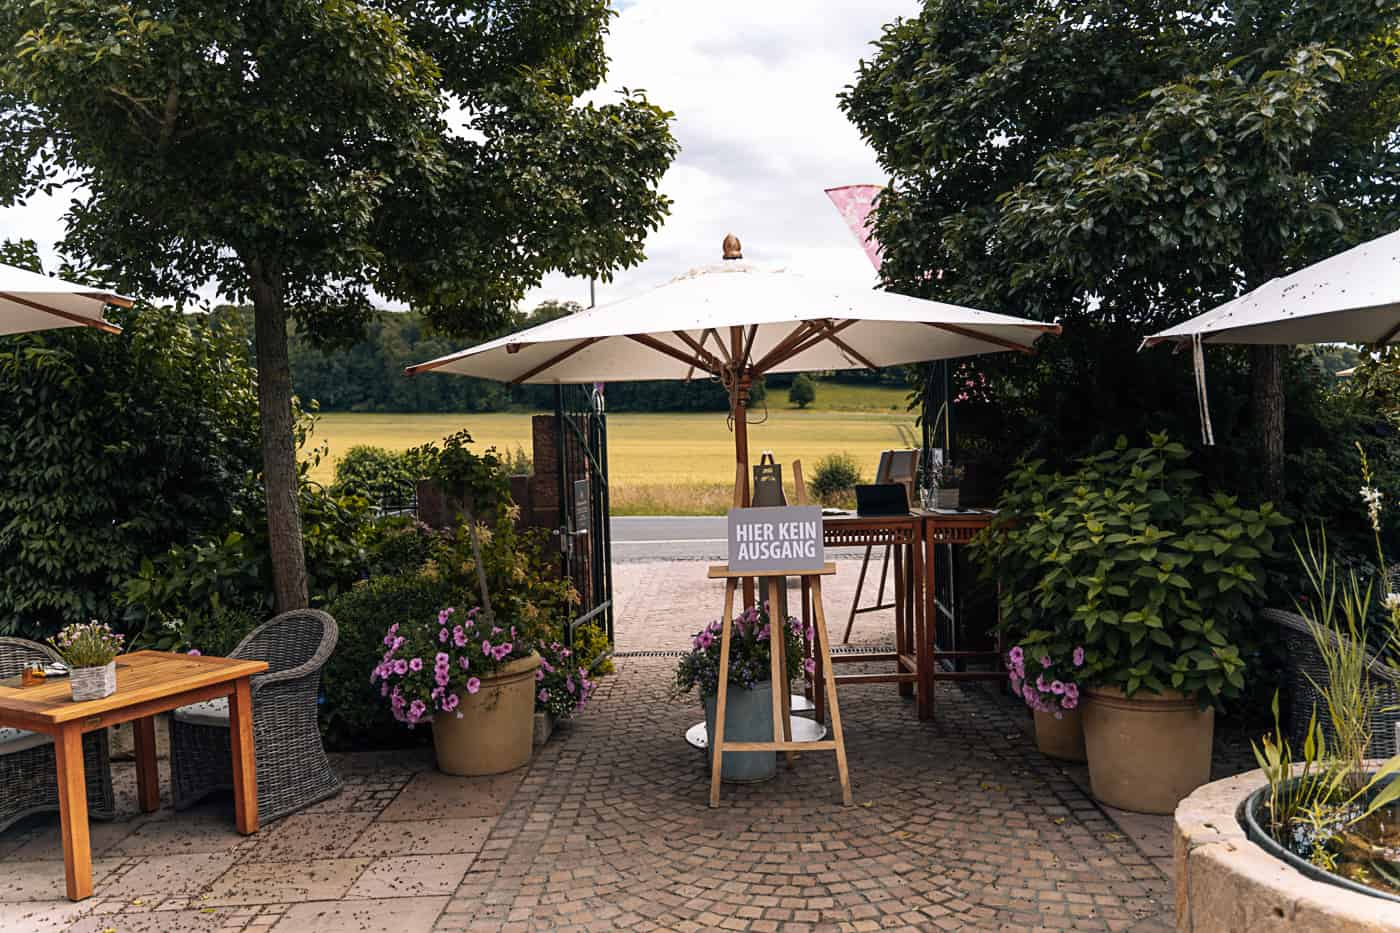 Wandern & Radfahren in Marburg - Ein Natur-Wochenende im Vila Vita Rosenpark